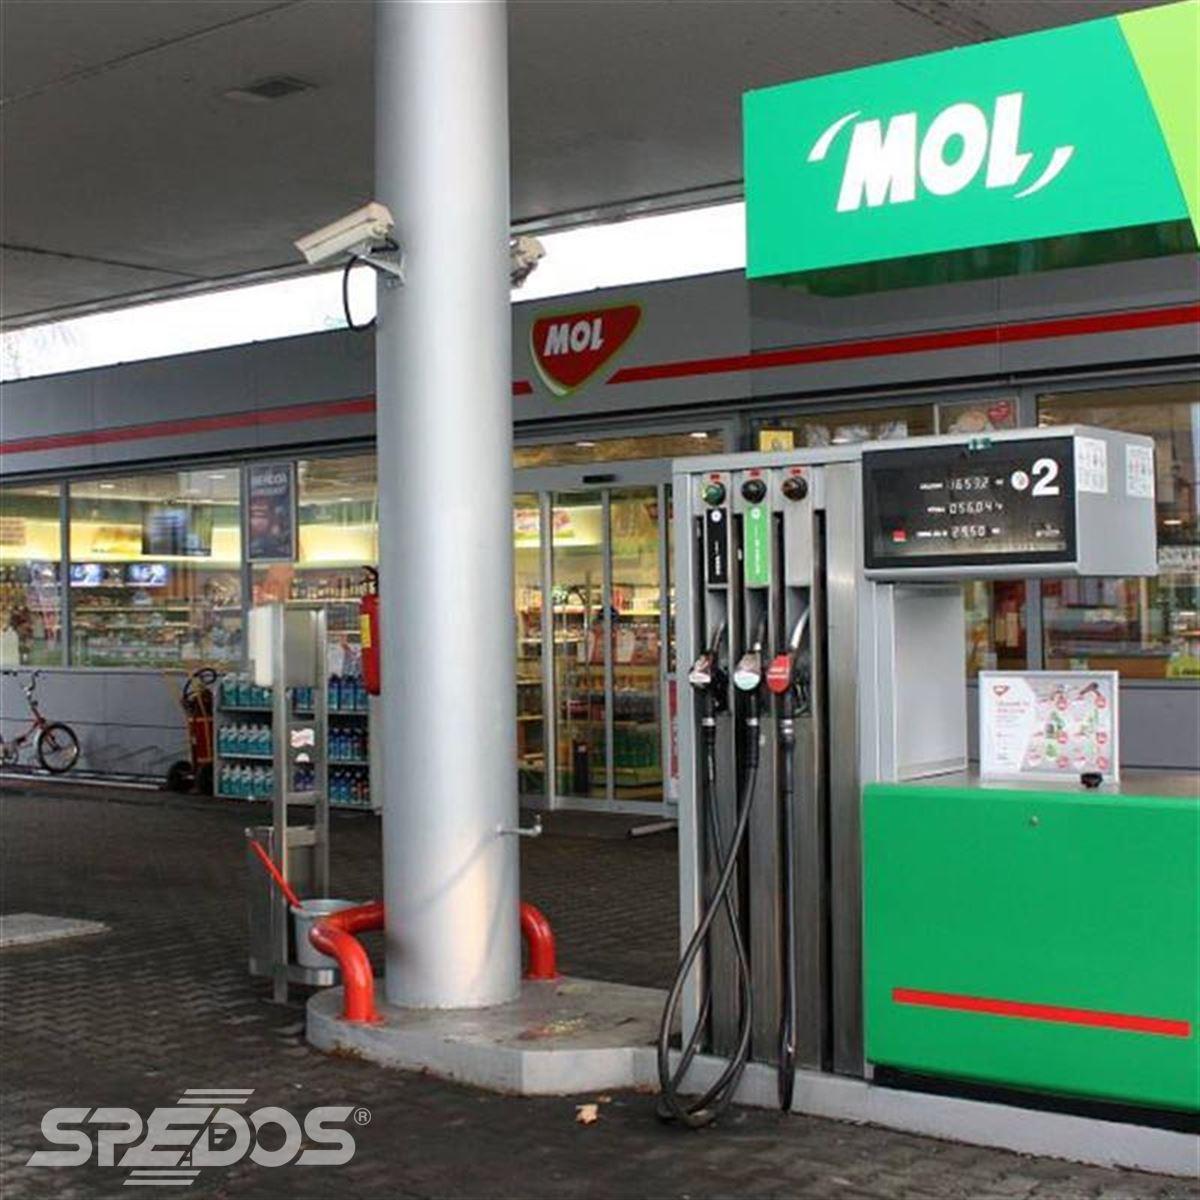 Dveře od Spedos na čerpací stanici Mol